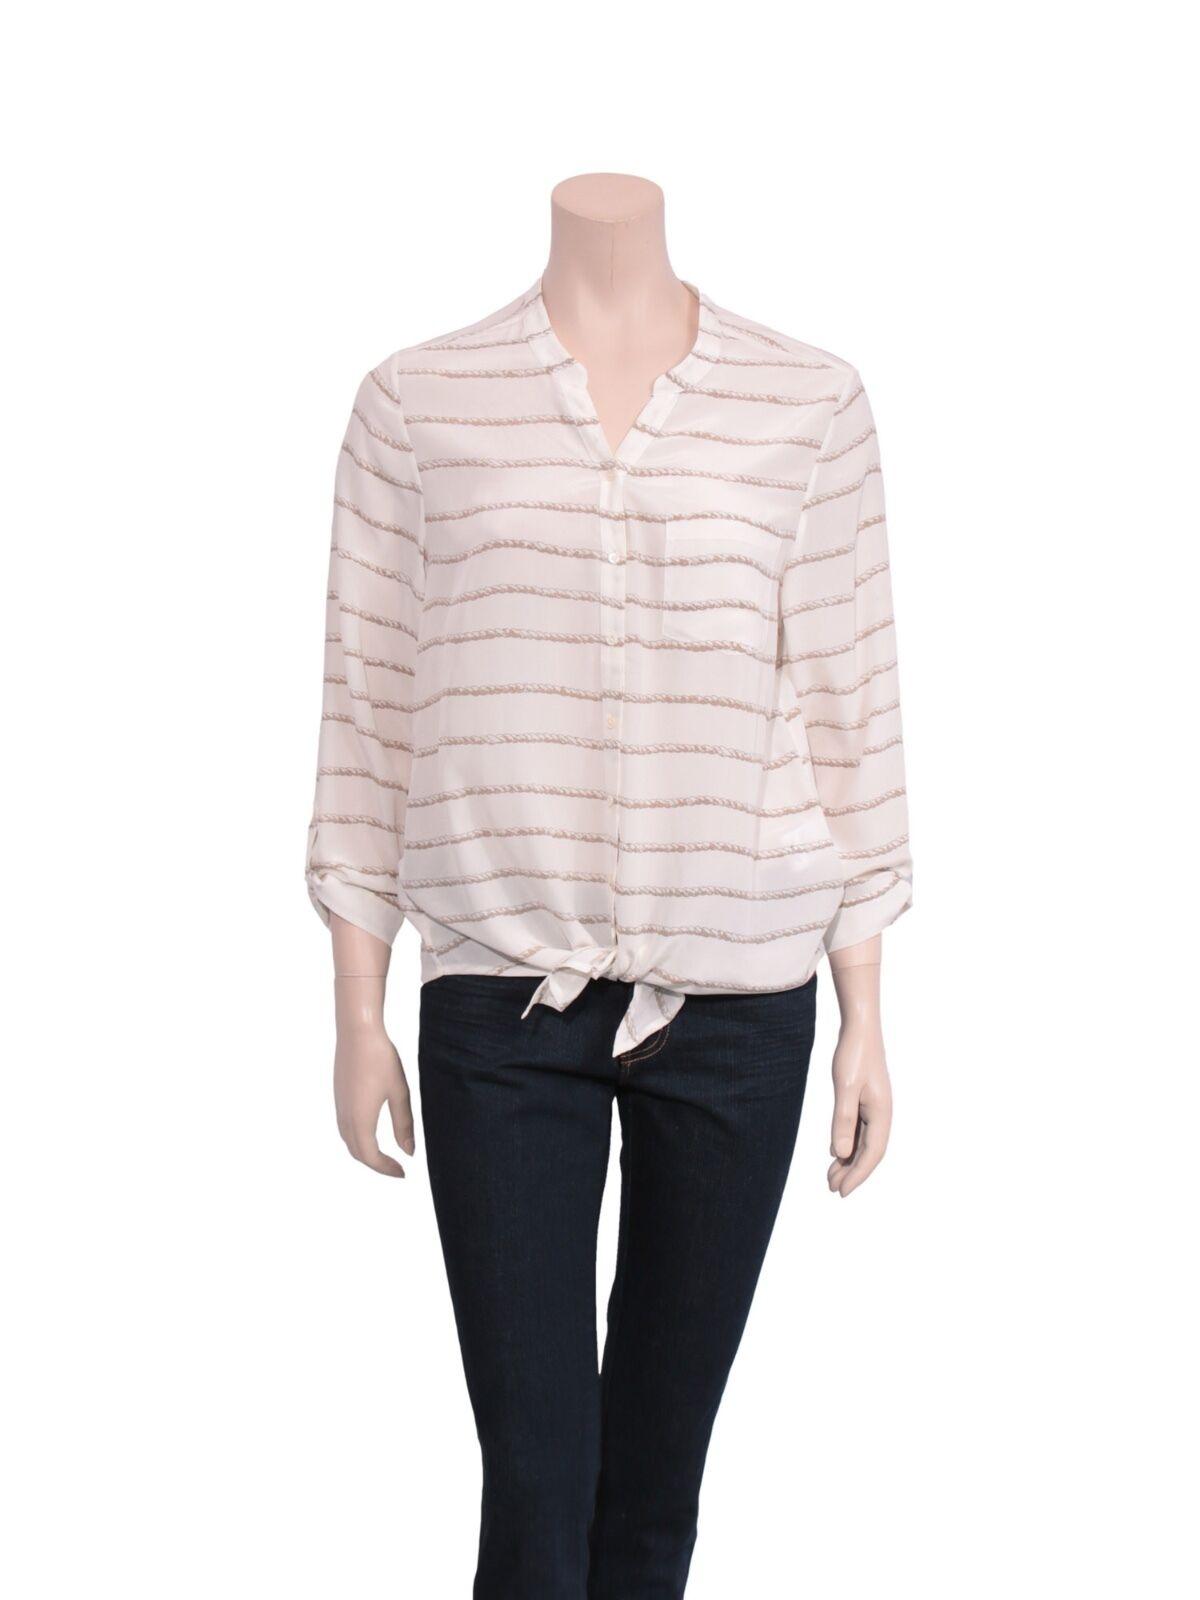 JOIE Silk Button-Up Blouse (Größe S)